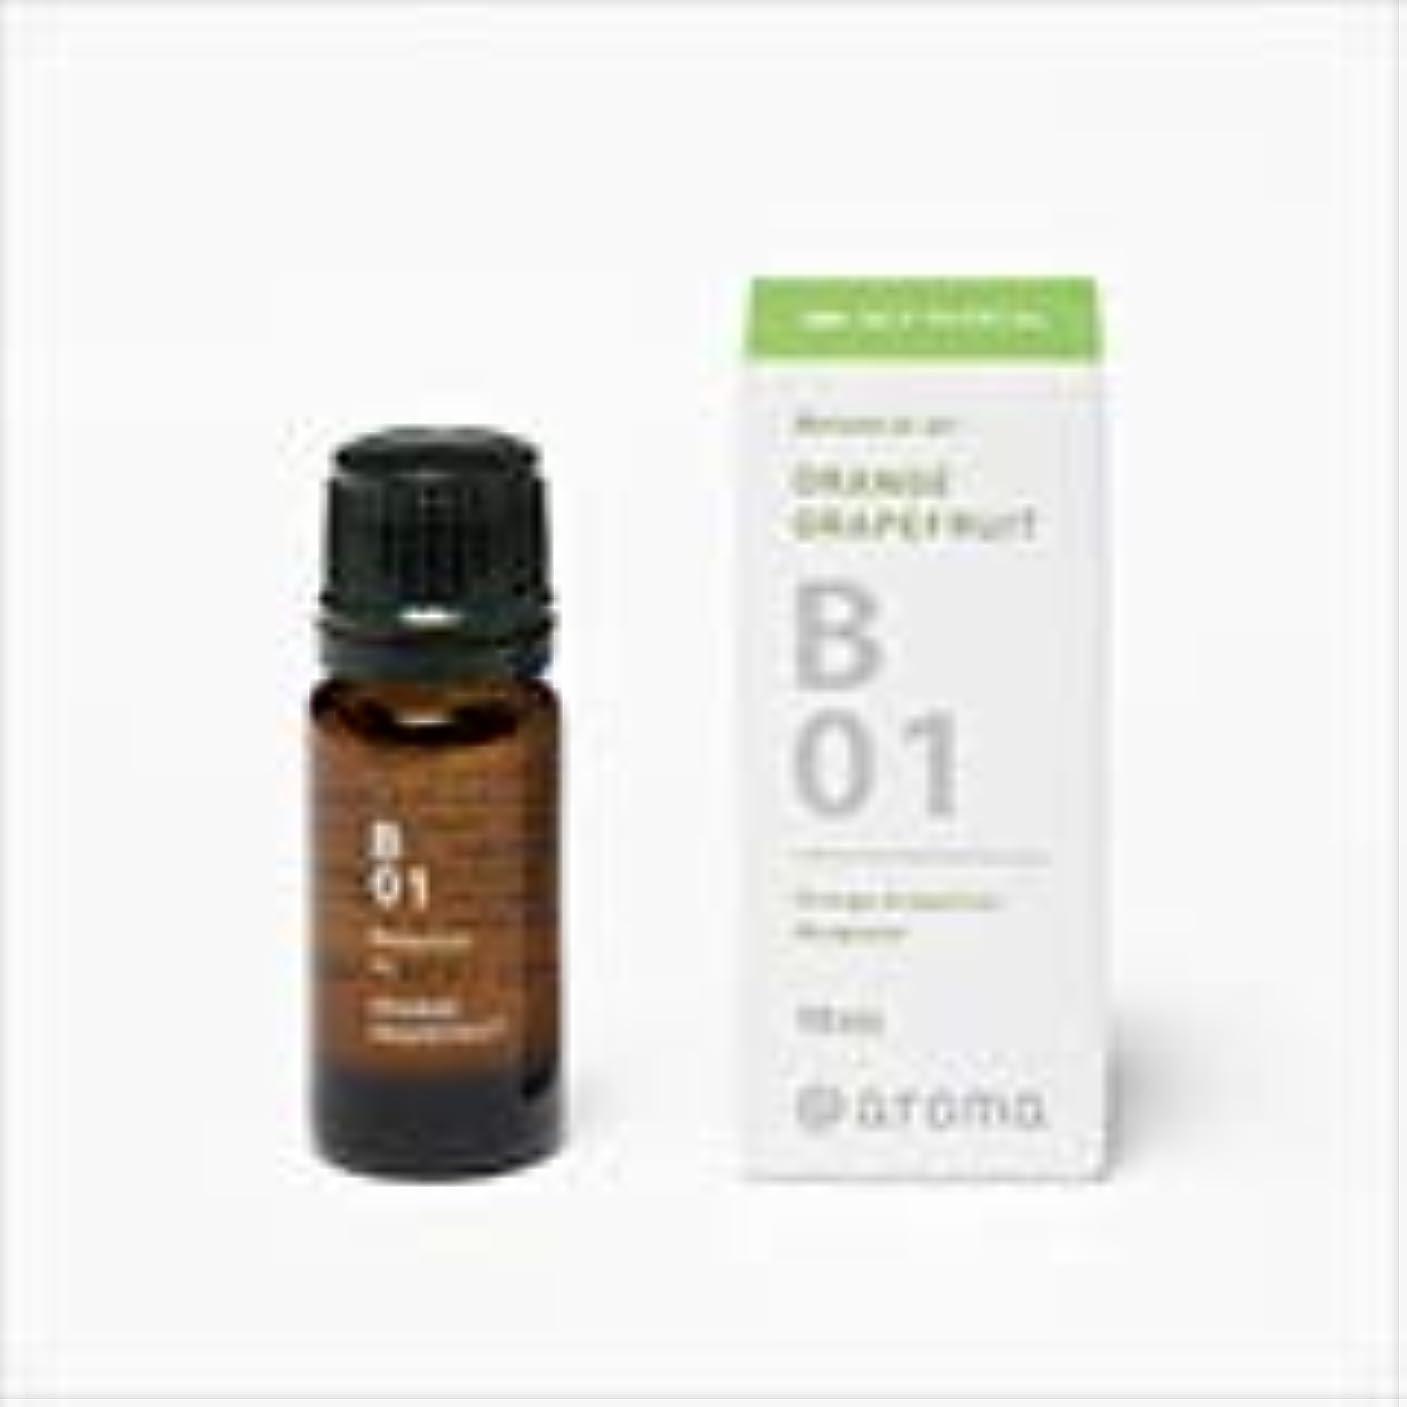 ディスコ微視的援助アットアロマ 100%pure essential oil <Botanical air ジュニパーシダー>